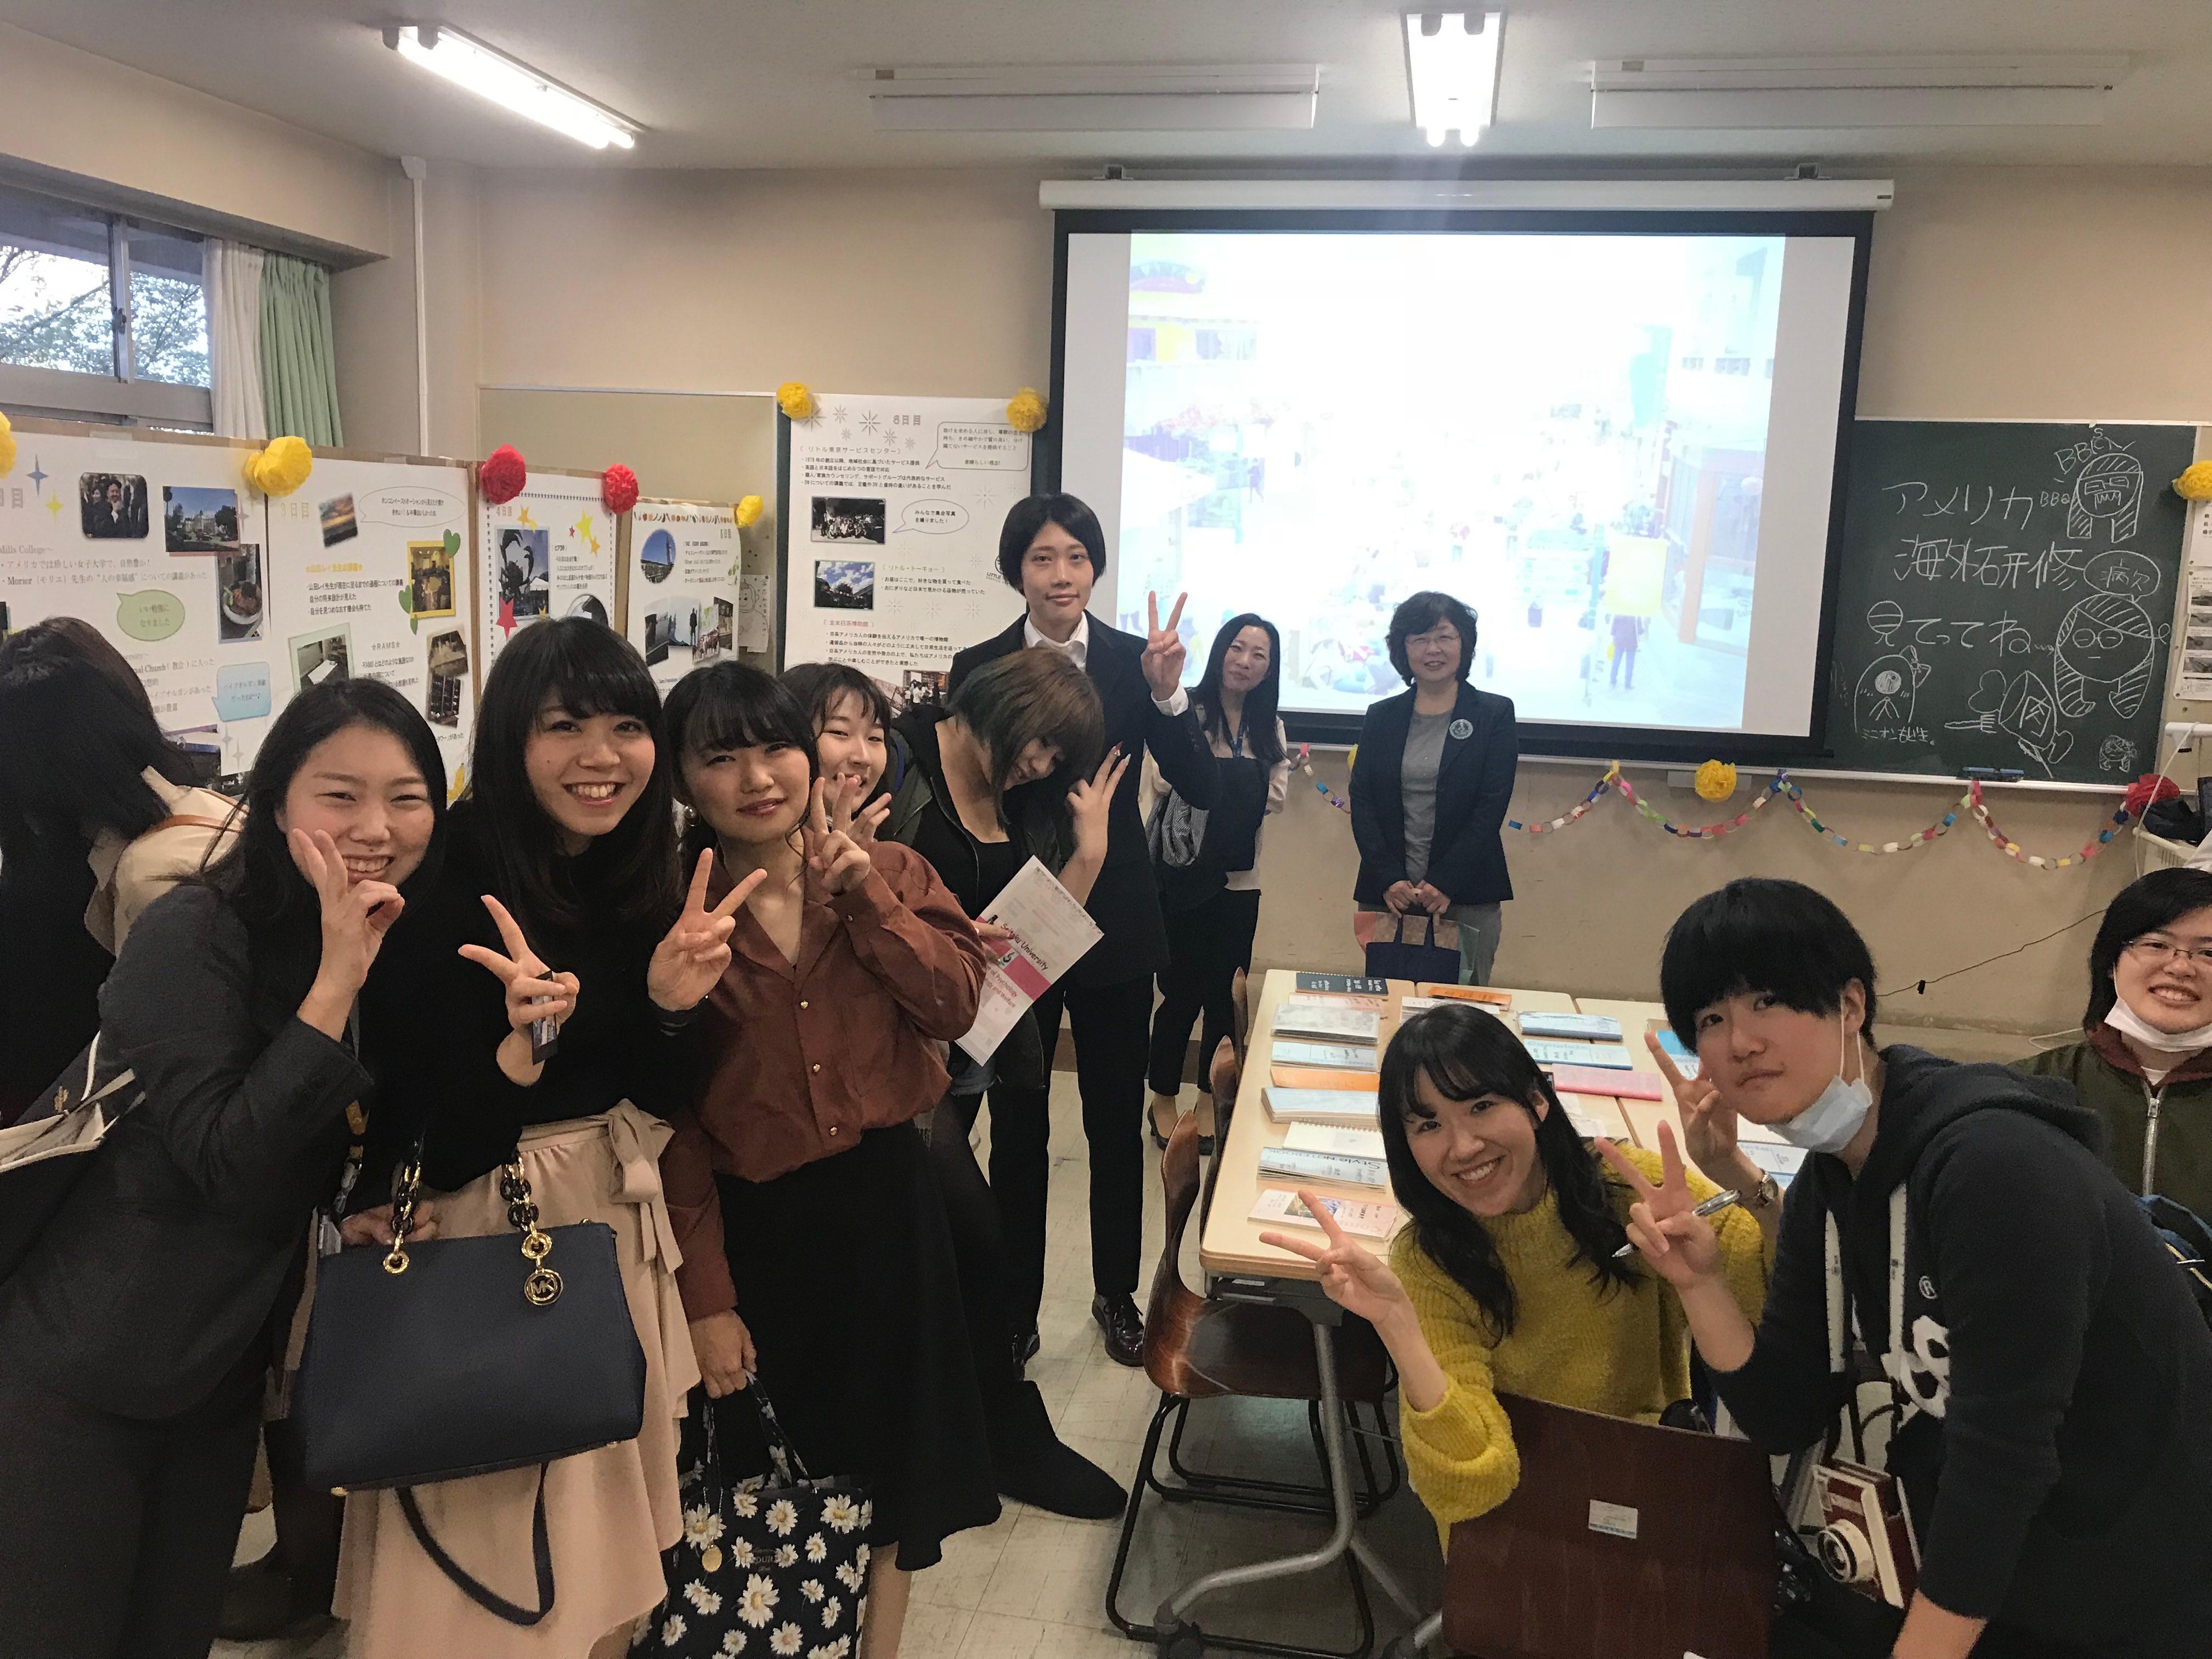 聖徳祭で心理学科卒業生の交流会を開催しました。